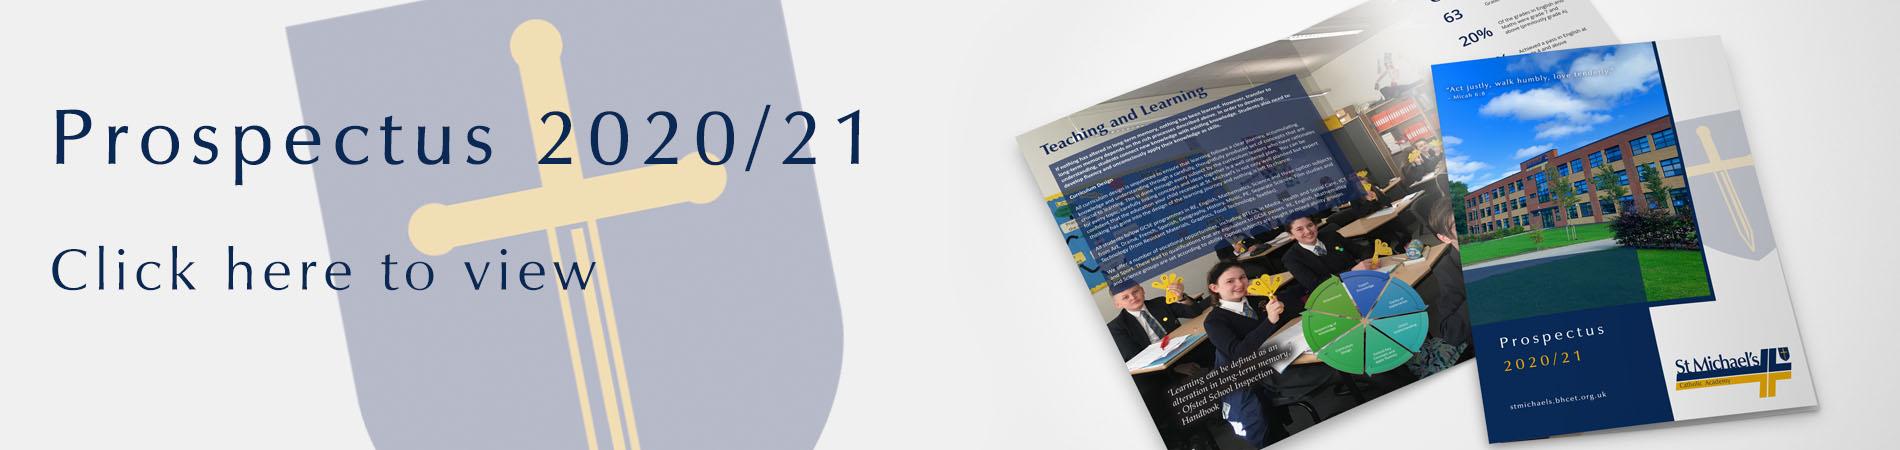 Prospectus 2020/21